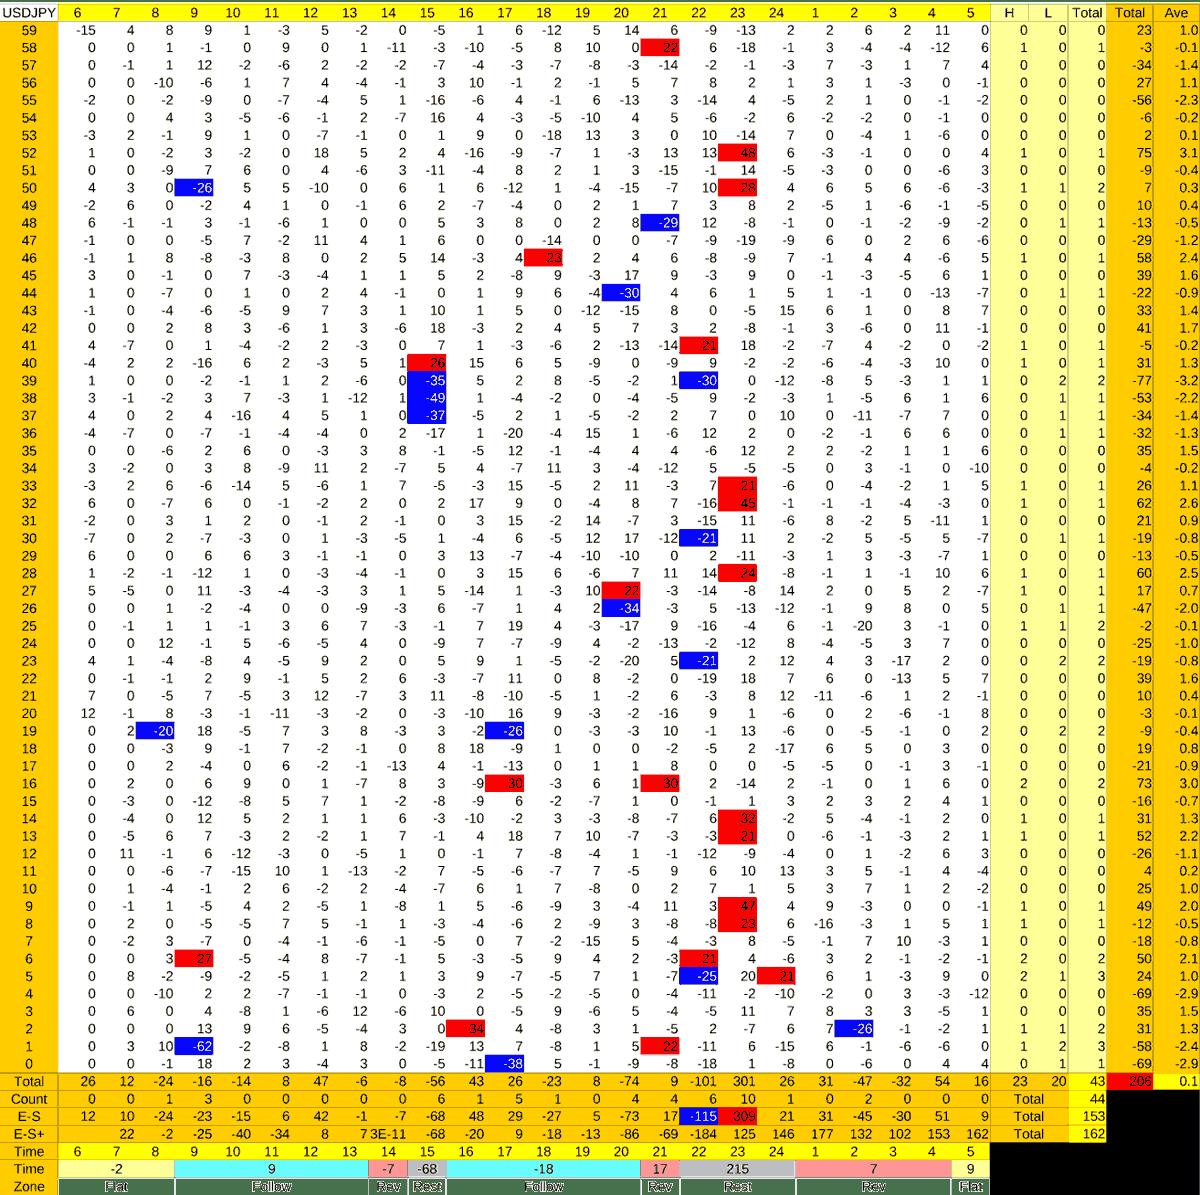 20210609_HS(1)USDJPY